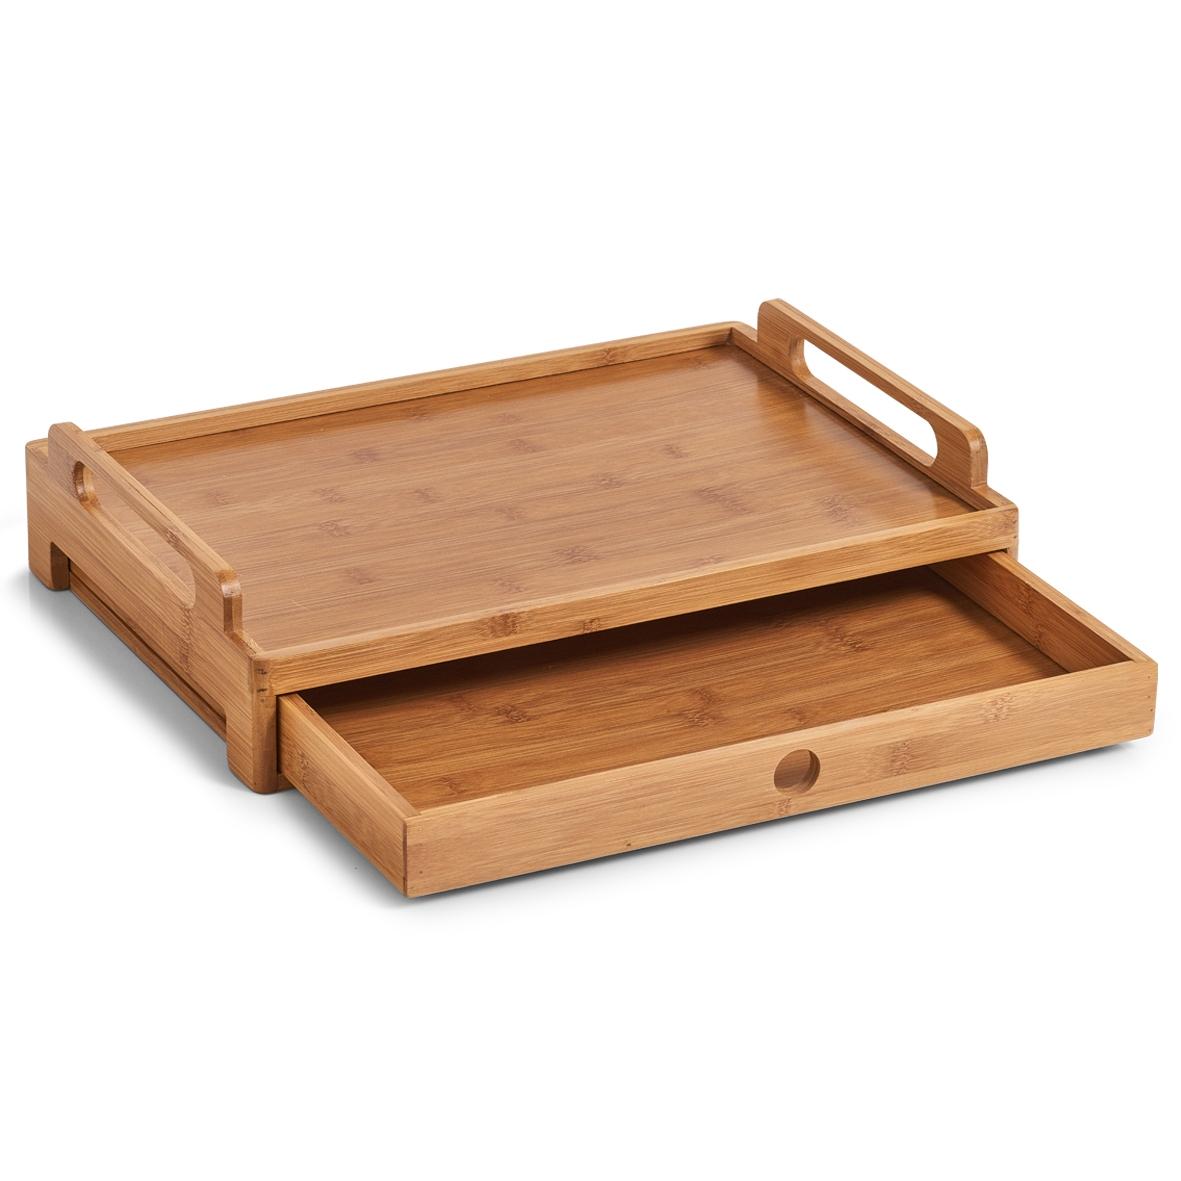 Tava pentru servire cu sertar, Bamboo Natural, l43xA31xH10 cm poza